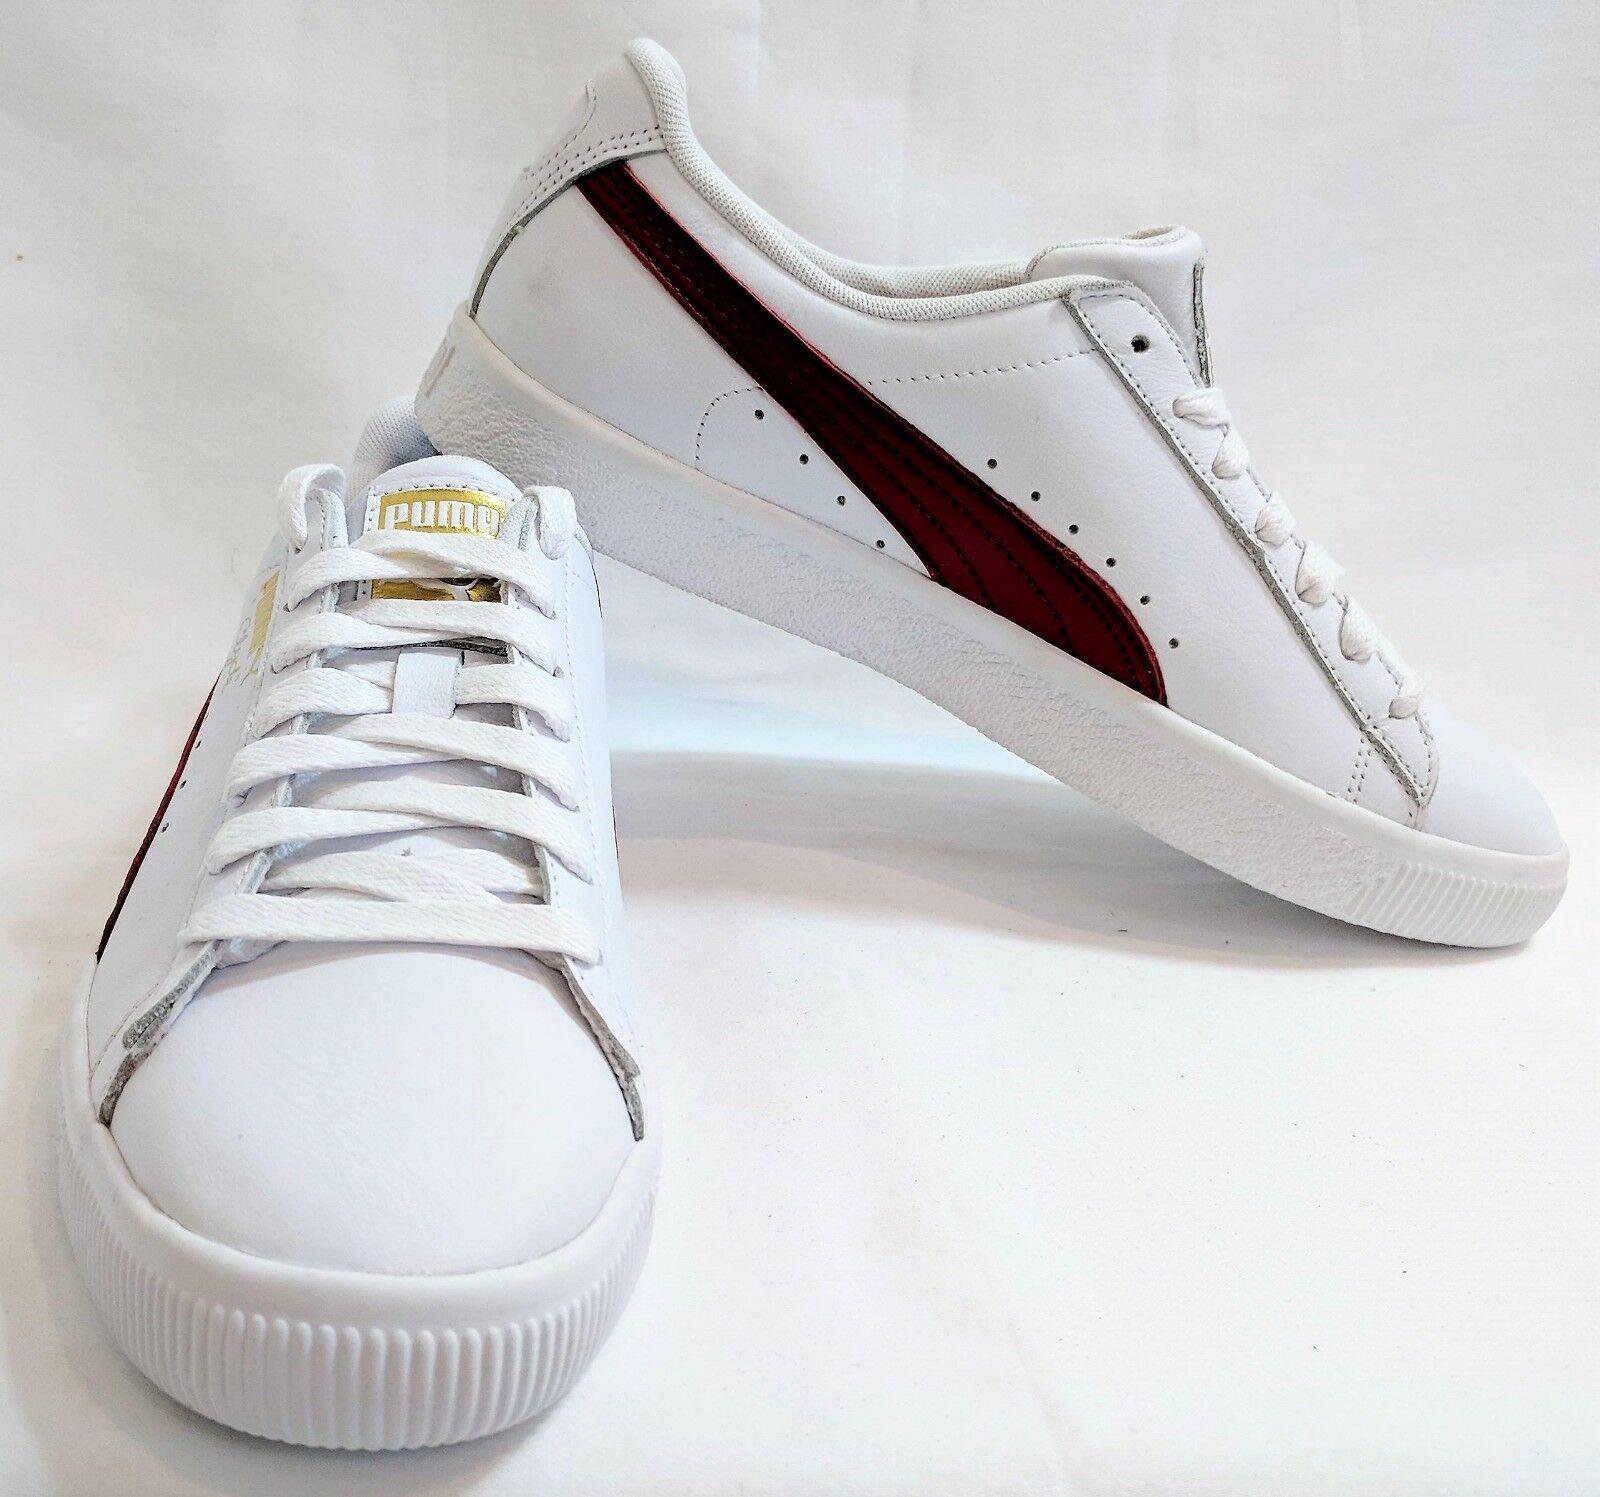 Puma hombre Clyde zapatillas - blanco / cherry 8 / oro - US 8 cherry ca99d7